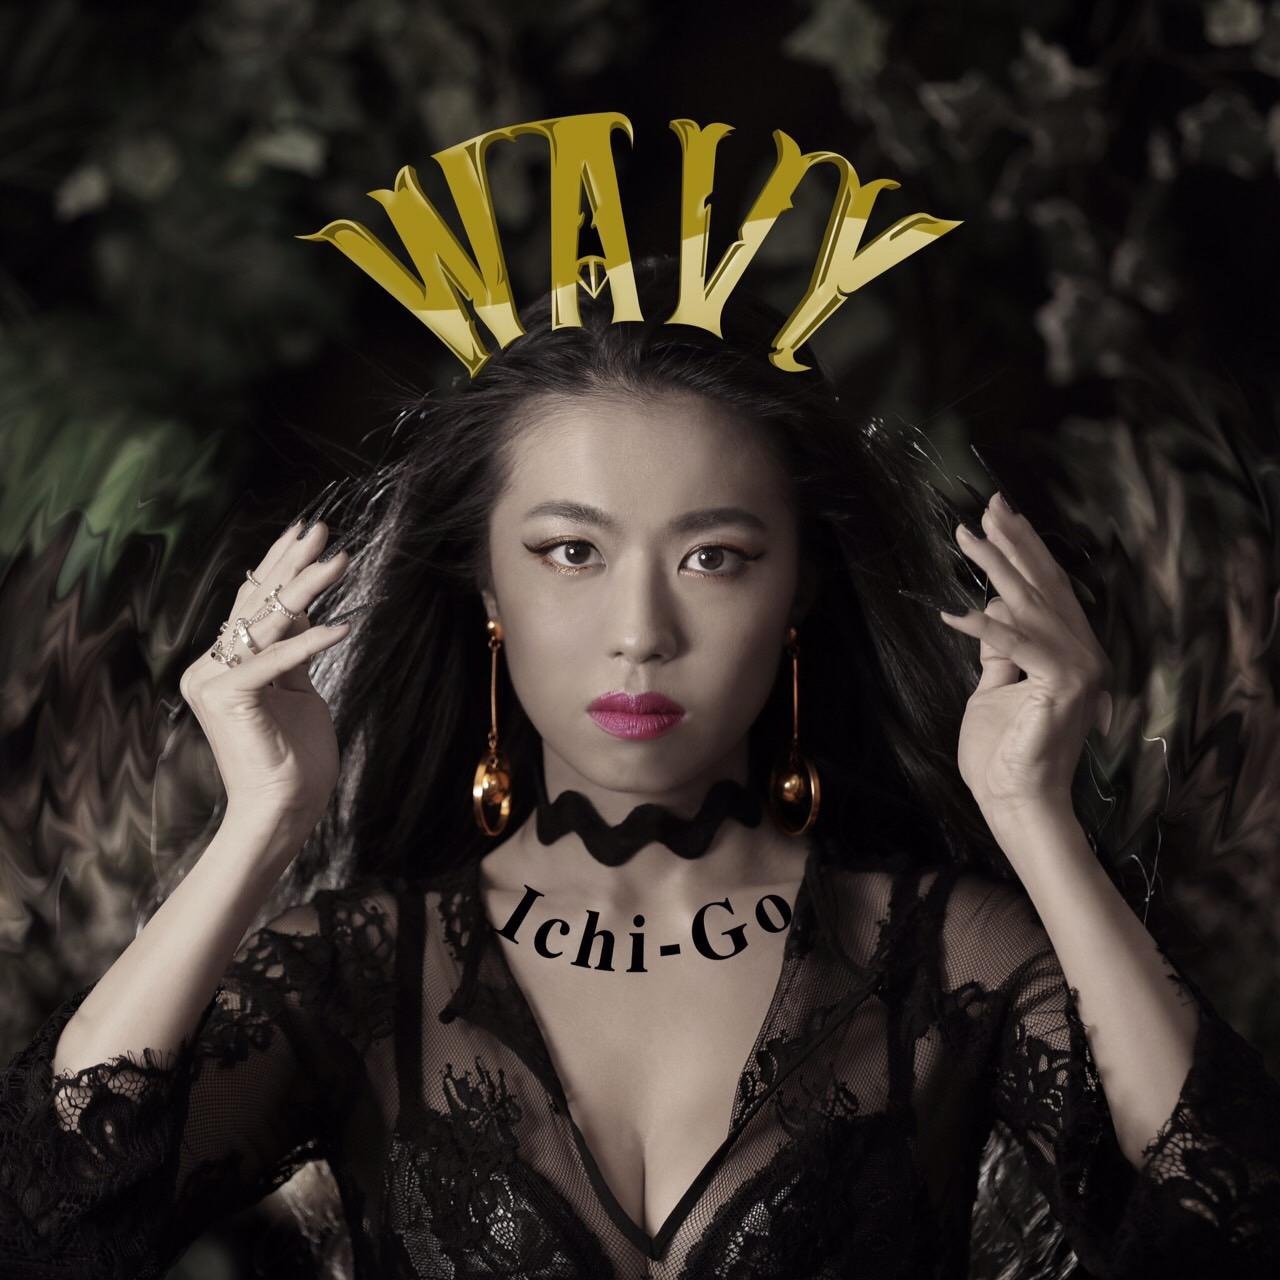 Ichi-Go / WAVY - Album / 2016.12